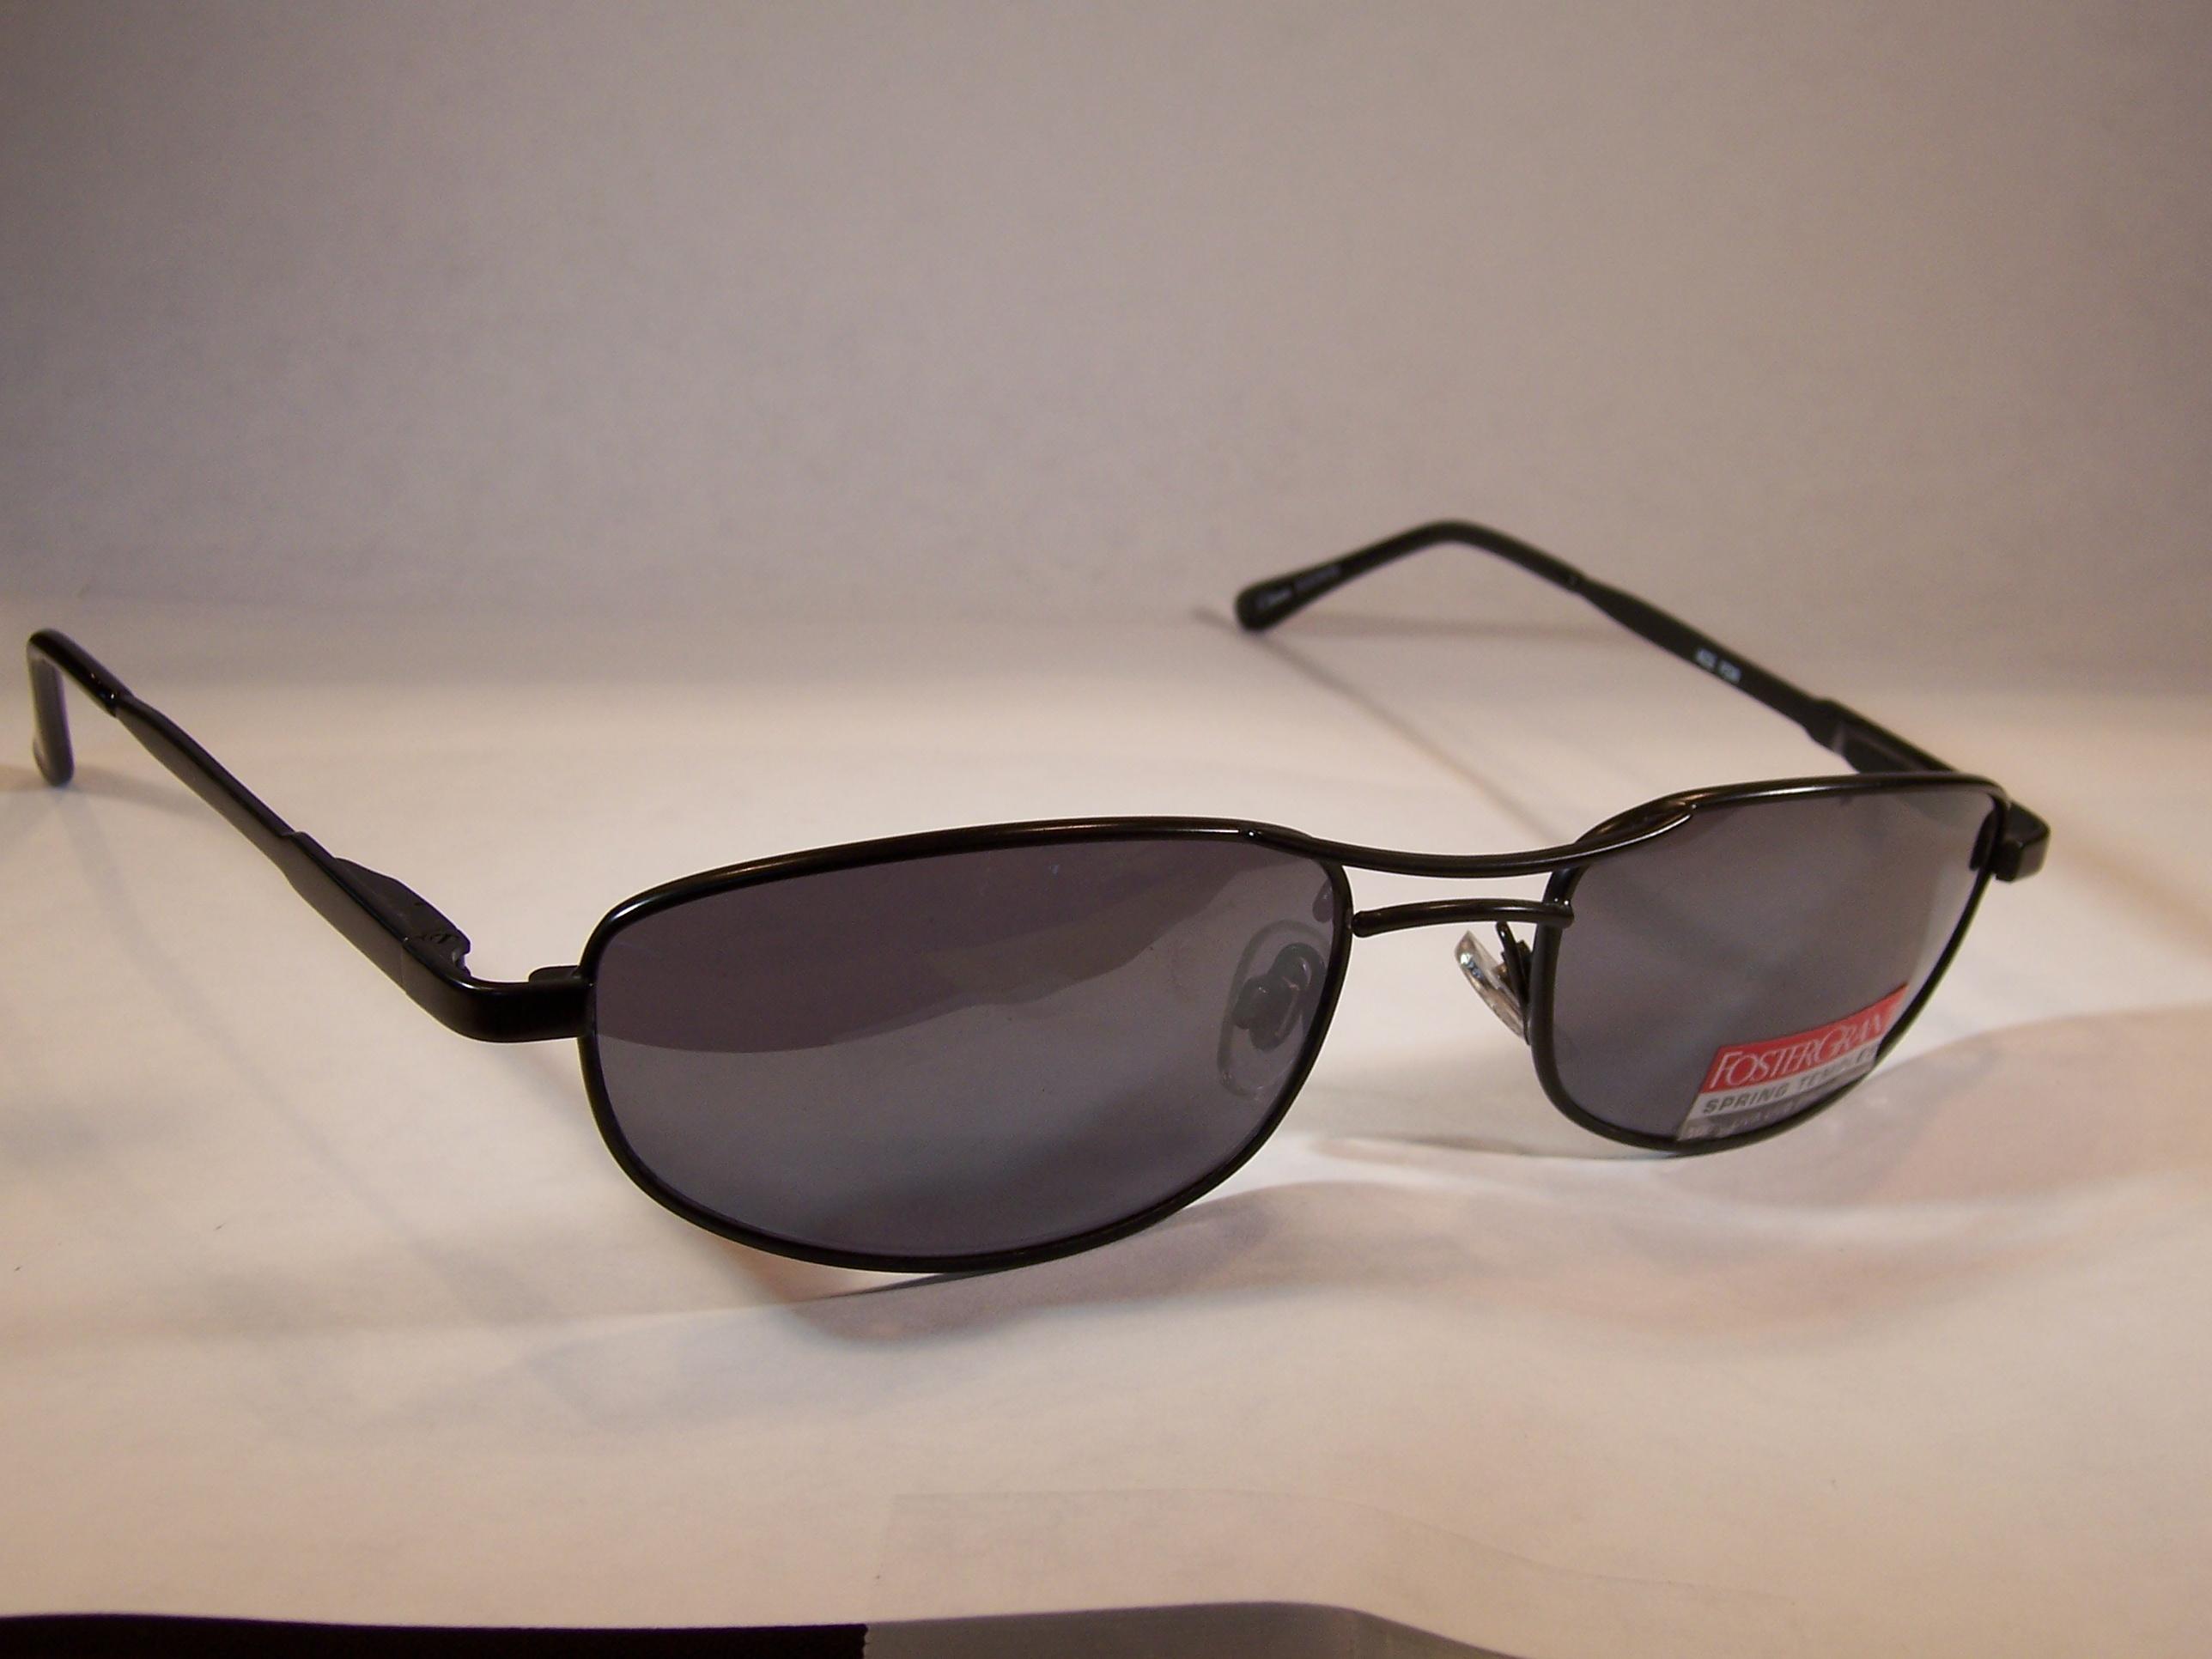 df6ac9ed5e Foster Grant Ironman Sunglasses Amazon